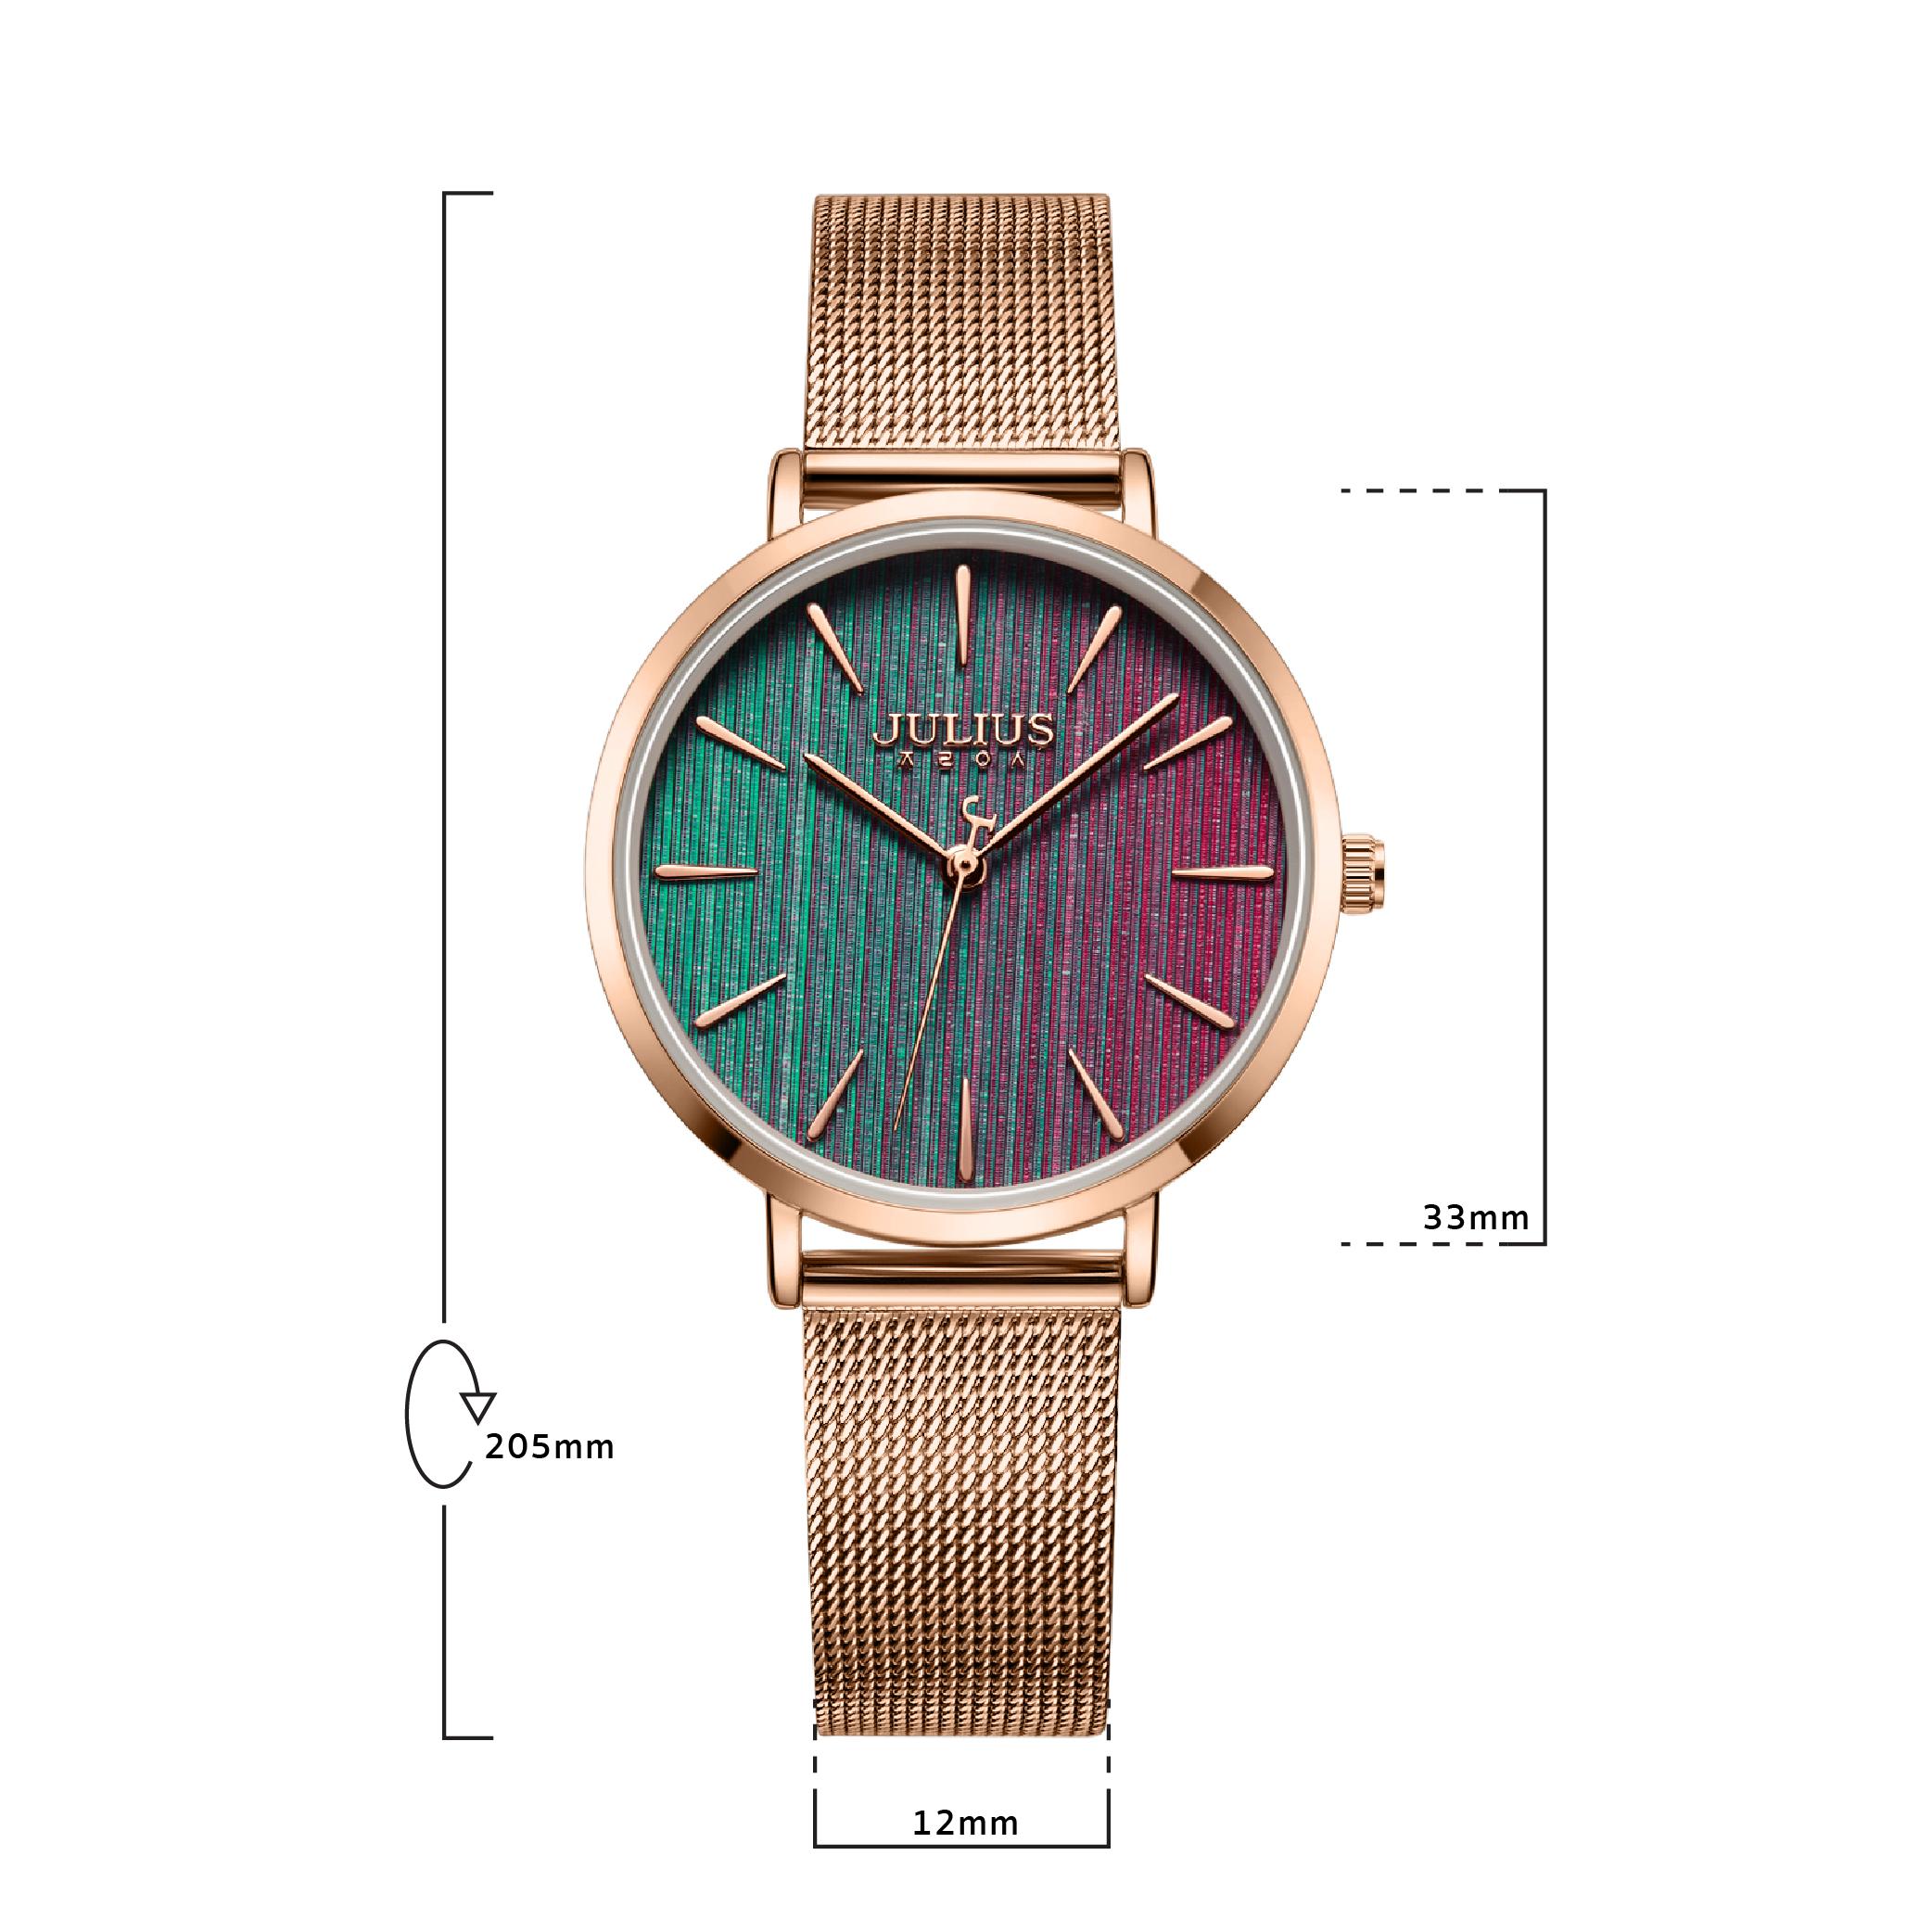 JULIUS นาฬิกาข้อมือผู้หญิง รุ่น JA-1198B หน้าปัดกลม สายสแตนเลสสีโรสโกลด์ แบรนด์เกาหลี